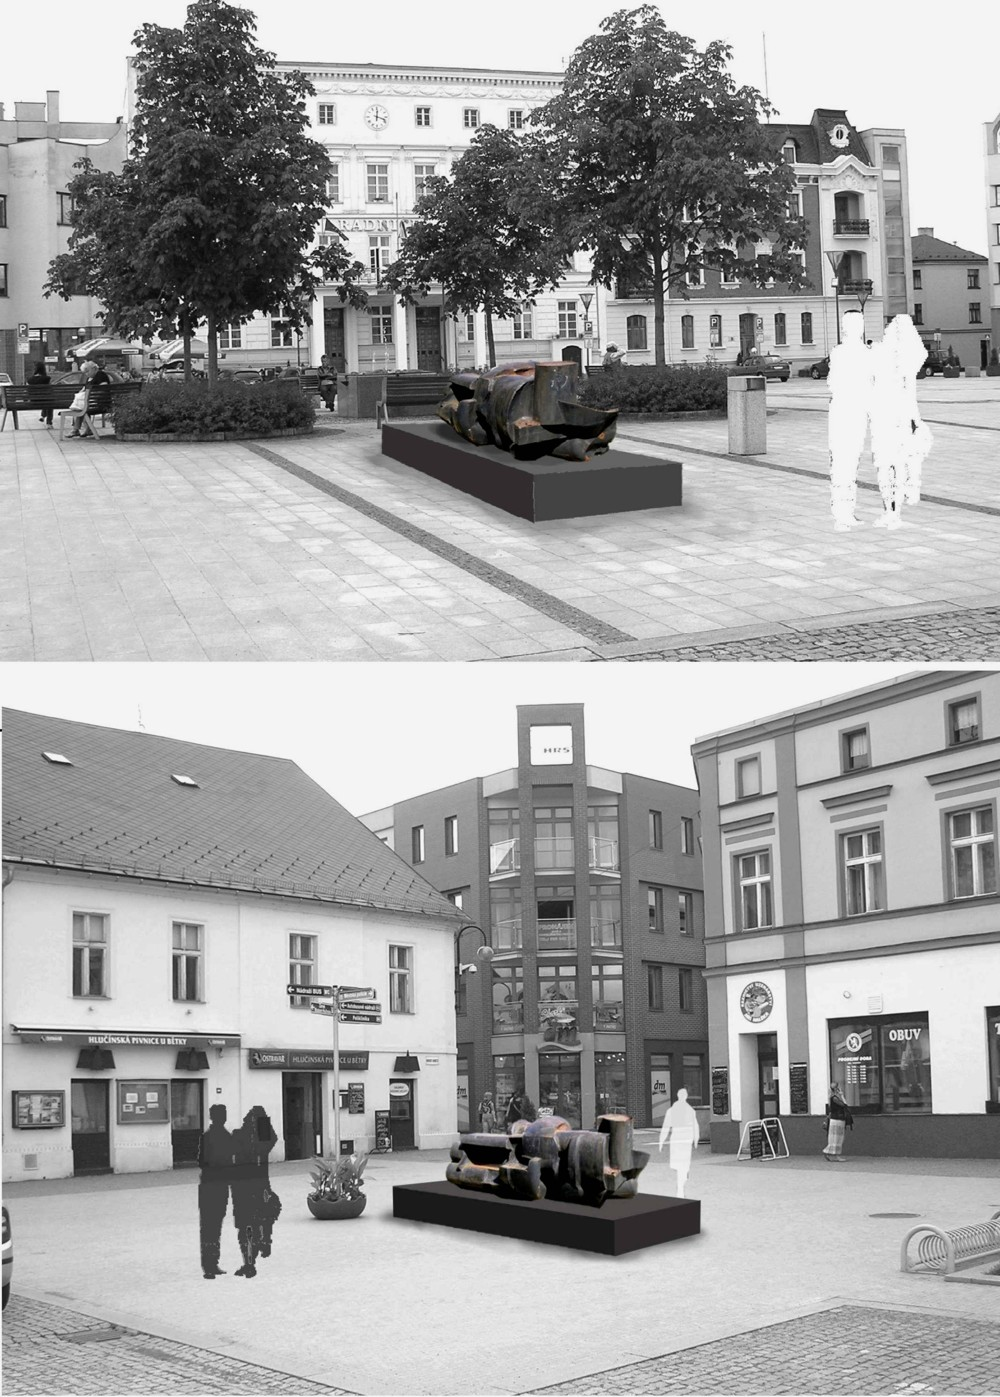 Fotografie k článku Přemístění ostravské sochy Františka Štorka v Hlučíně